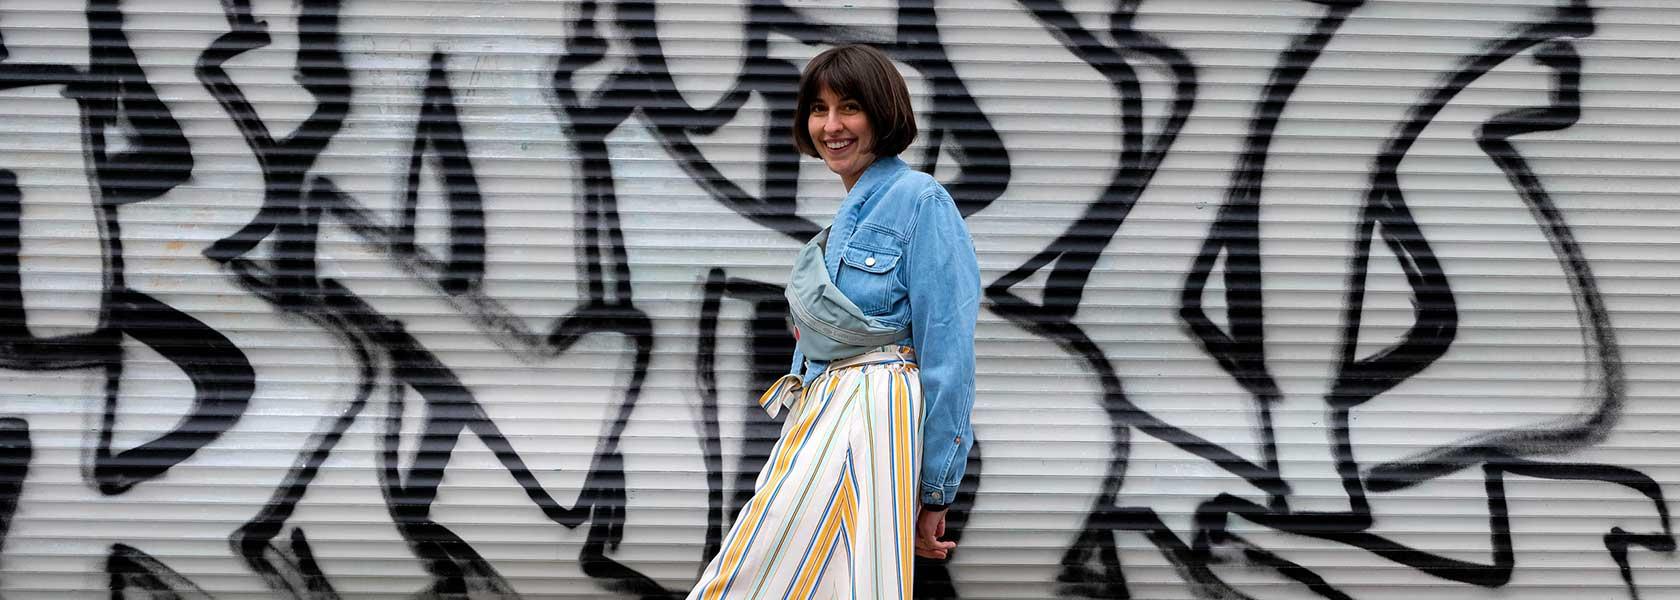 Frau in sommerlichem Outfit steht vor Graffitiwand